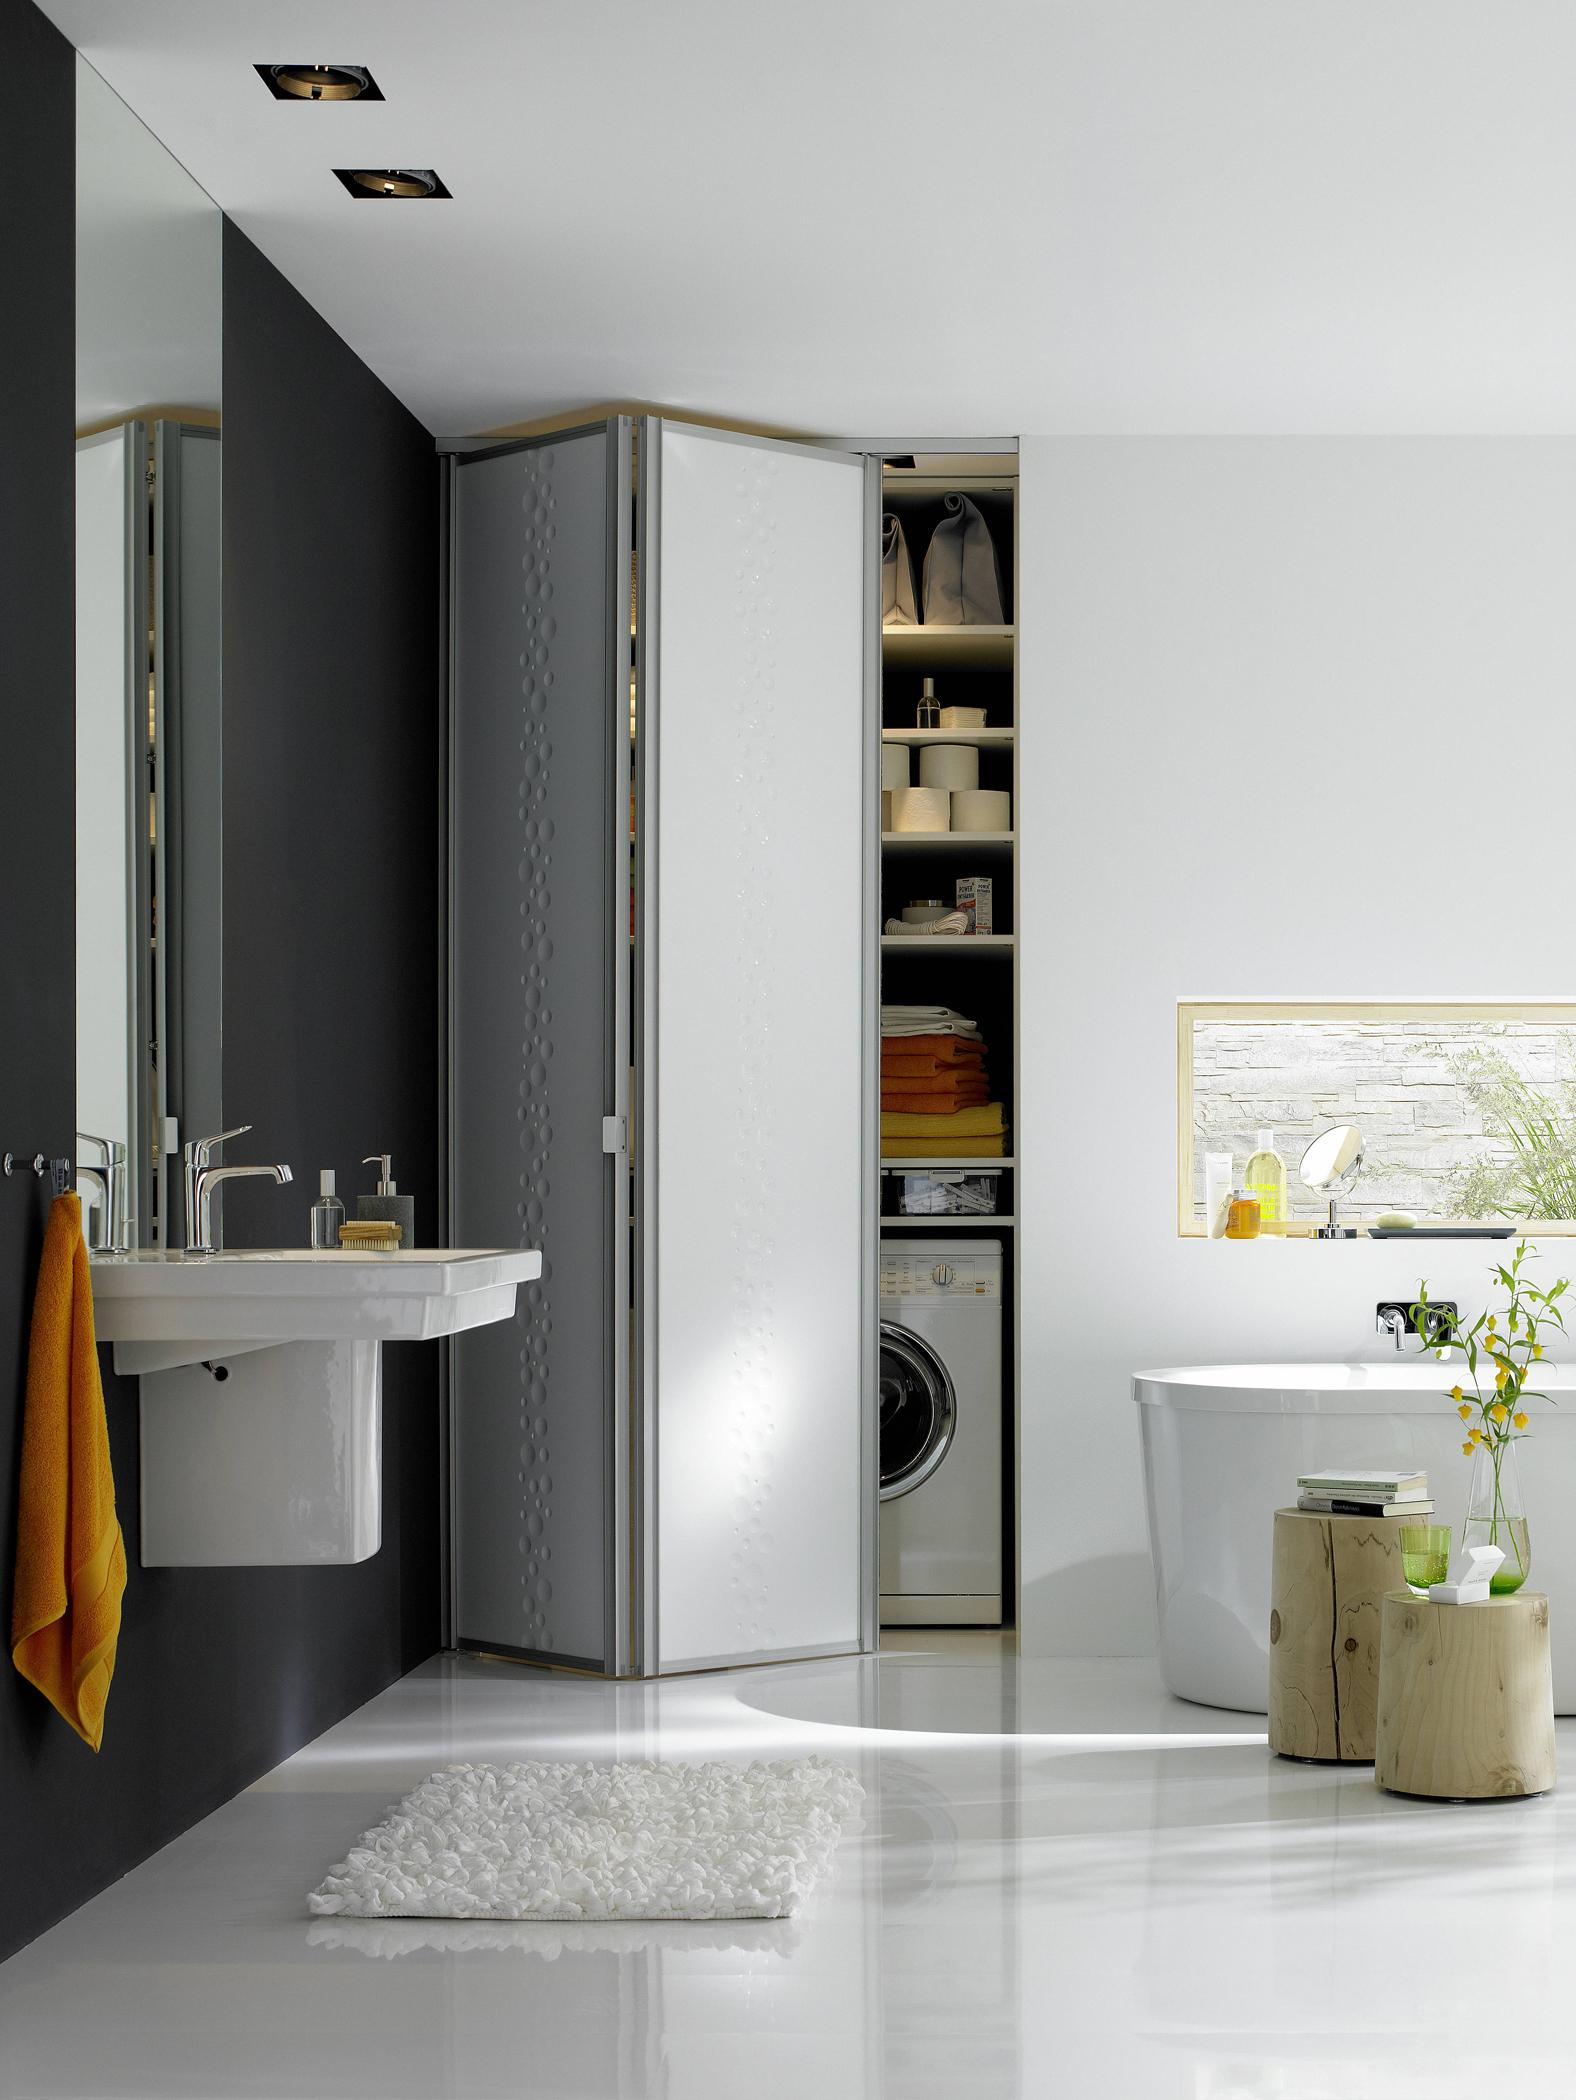 falttr im badezimmer falttr kleinesbadezimmer raumplus - Weises Badezimmer Verschonern